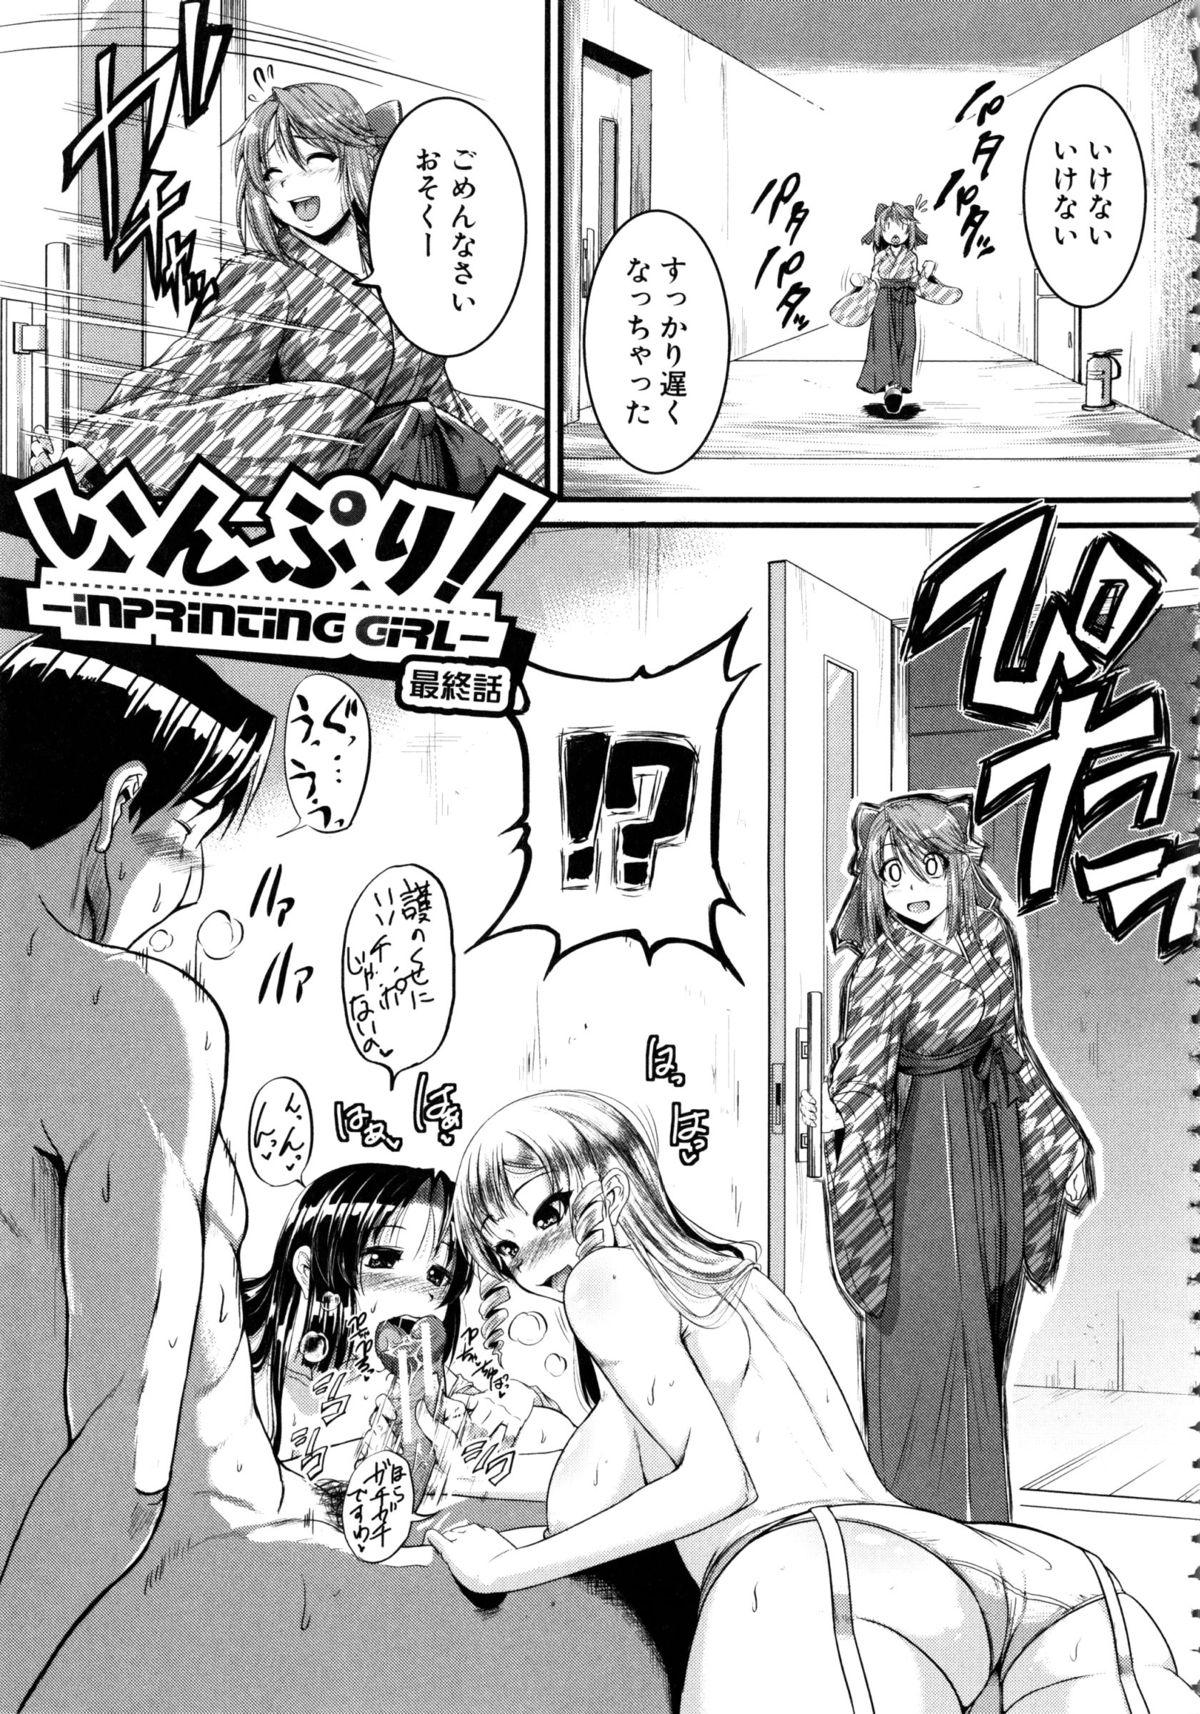 【エロ漫画】コンクール後に部長姉の策略で弟の逆レイプを幼馴染JKに目撃させて告白させると4Pハーレム乱交に発展!